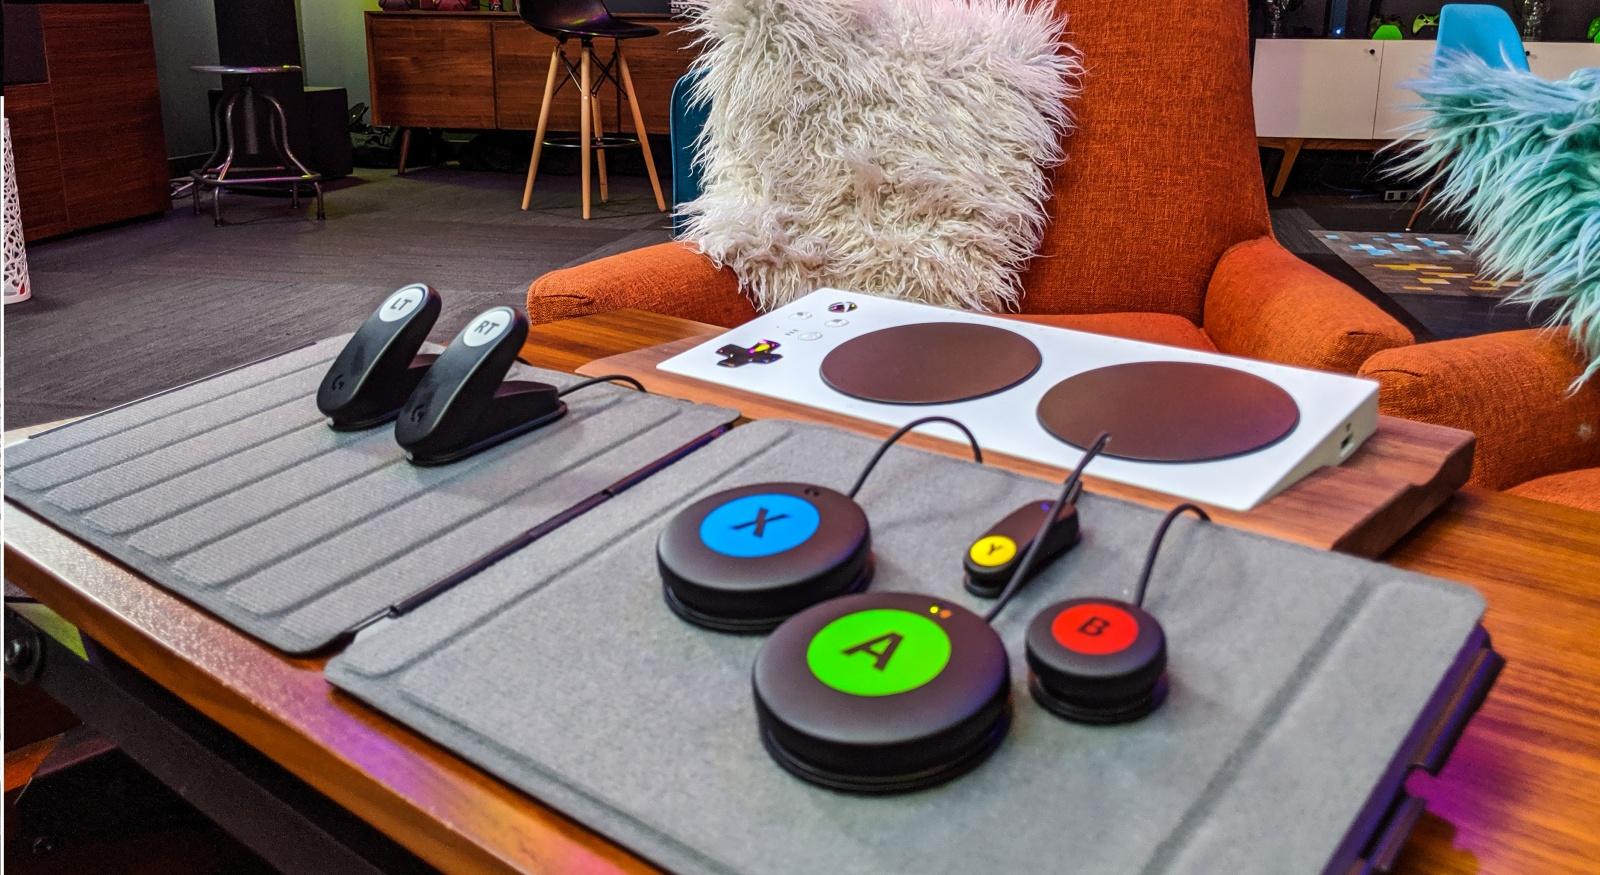 Logitech выпустила игровой комплект для людей с ограниченными возможностями - 1